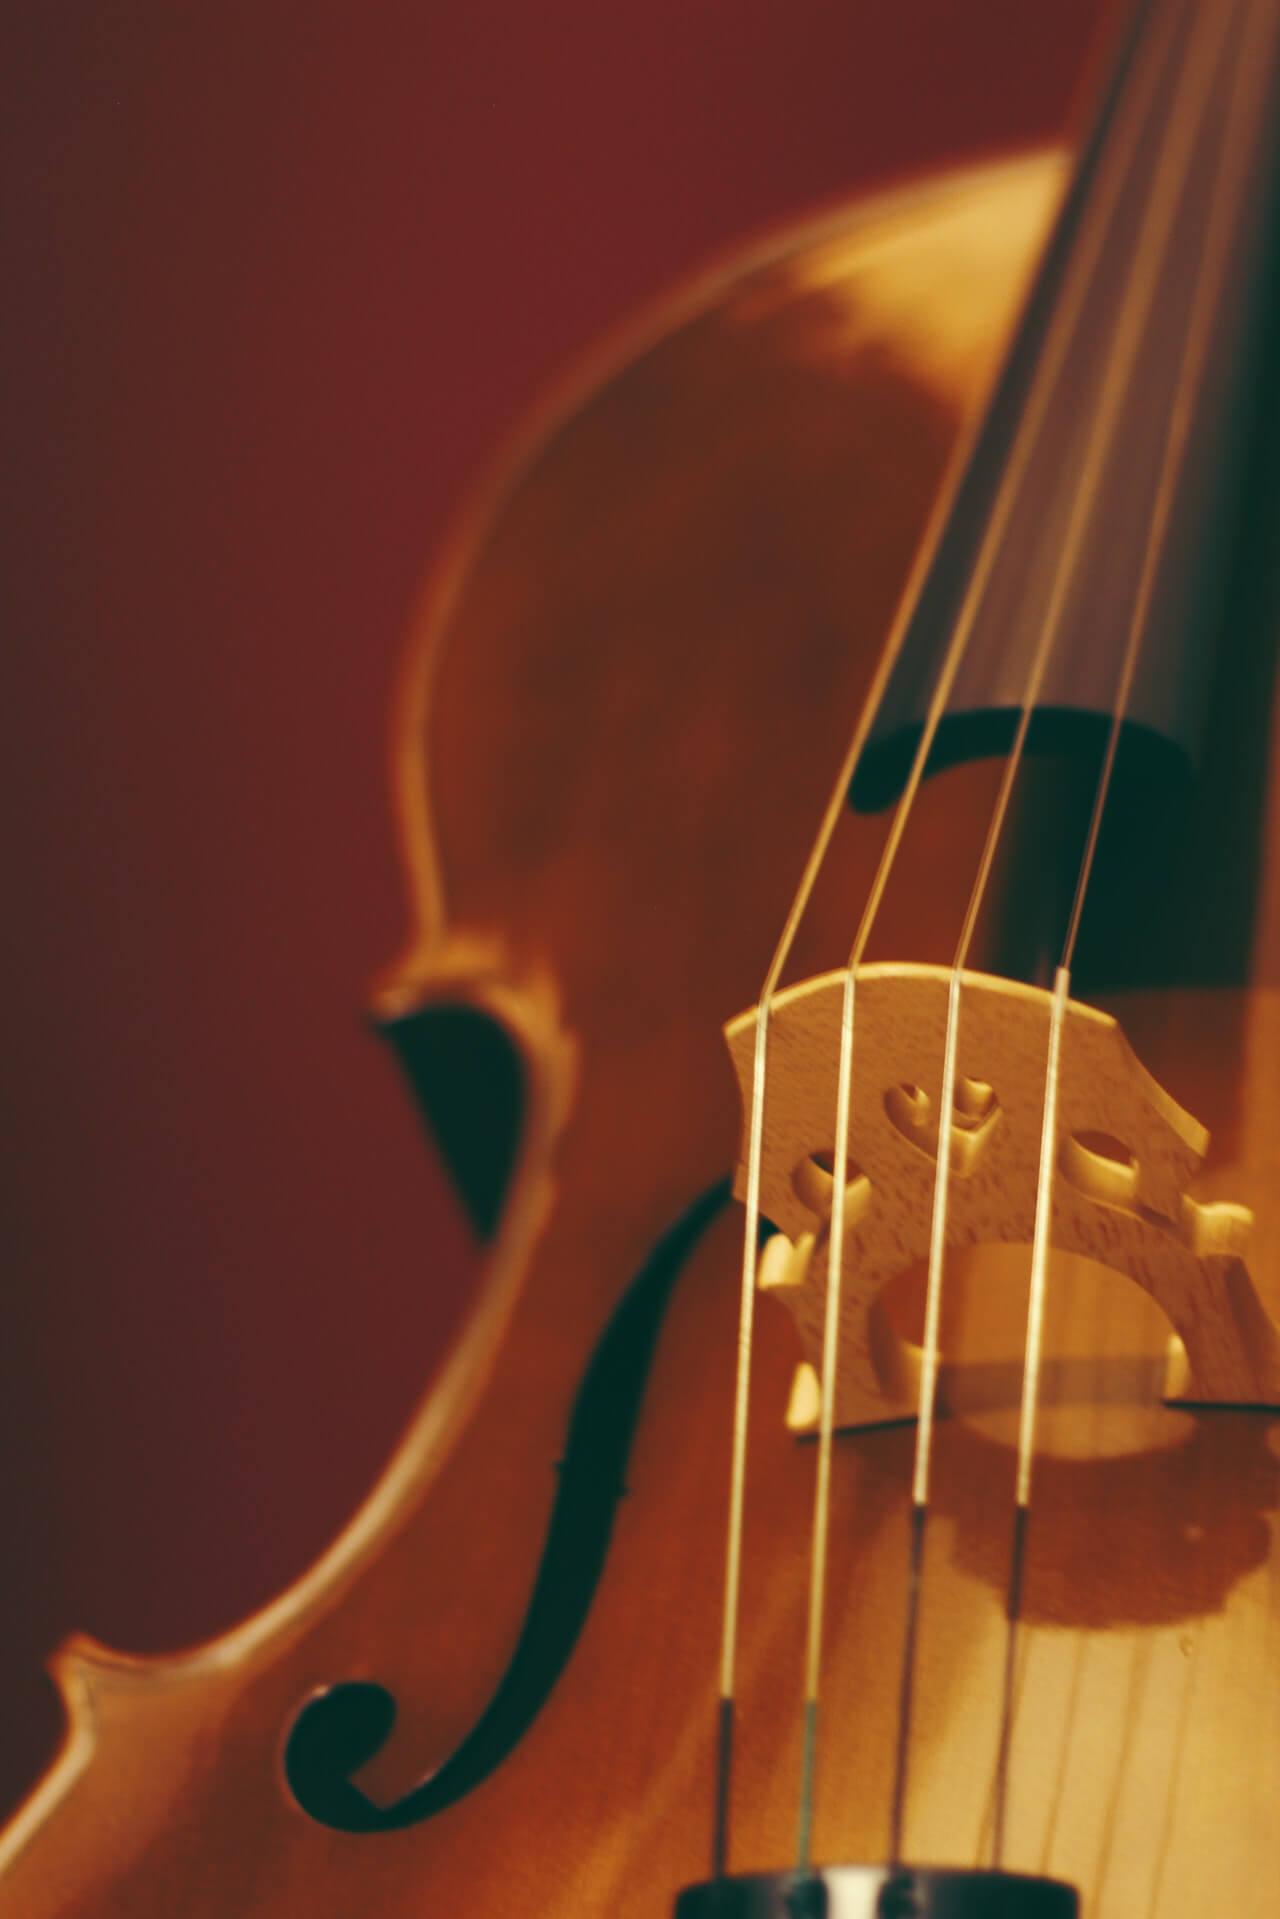 Приглашаем принять участие в XVII открытом региональном конкурсе юных исполнителей на струнно-смычковых инструментах!